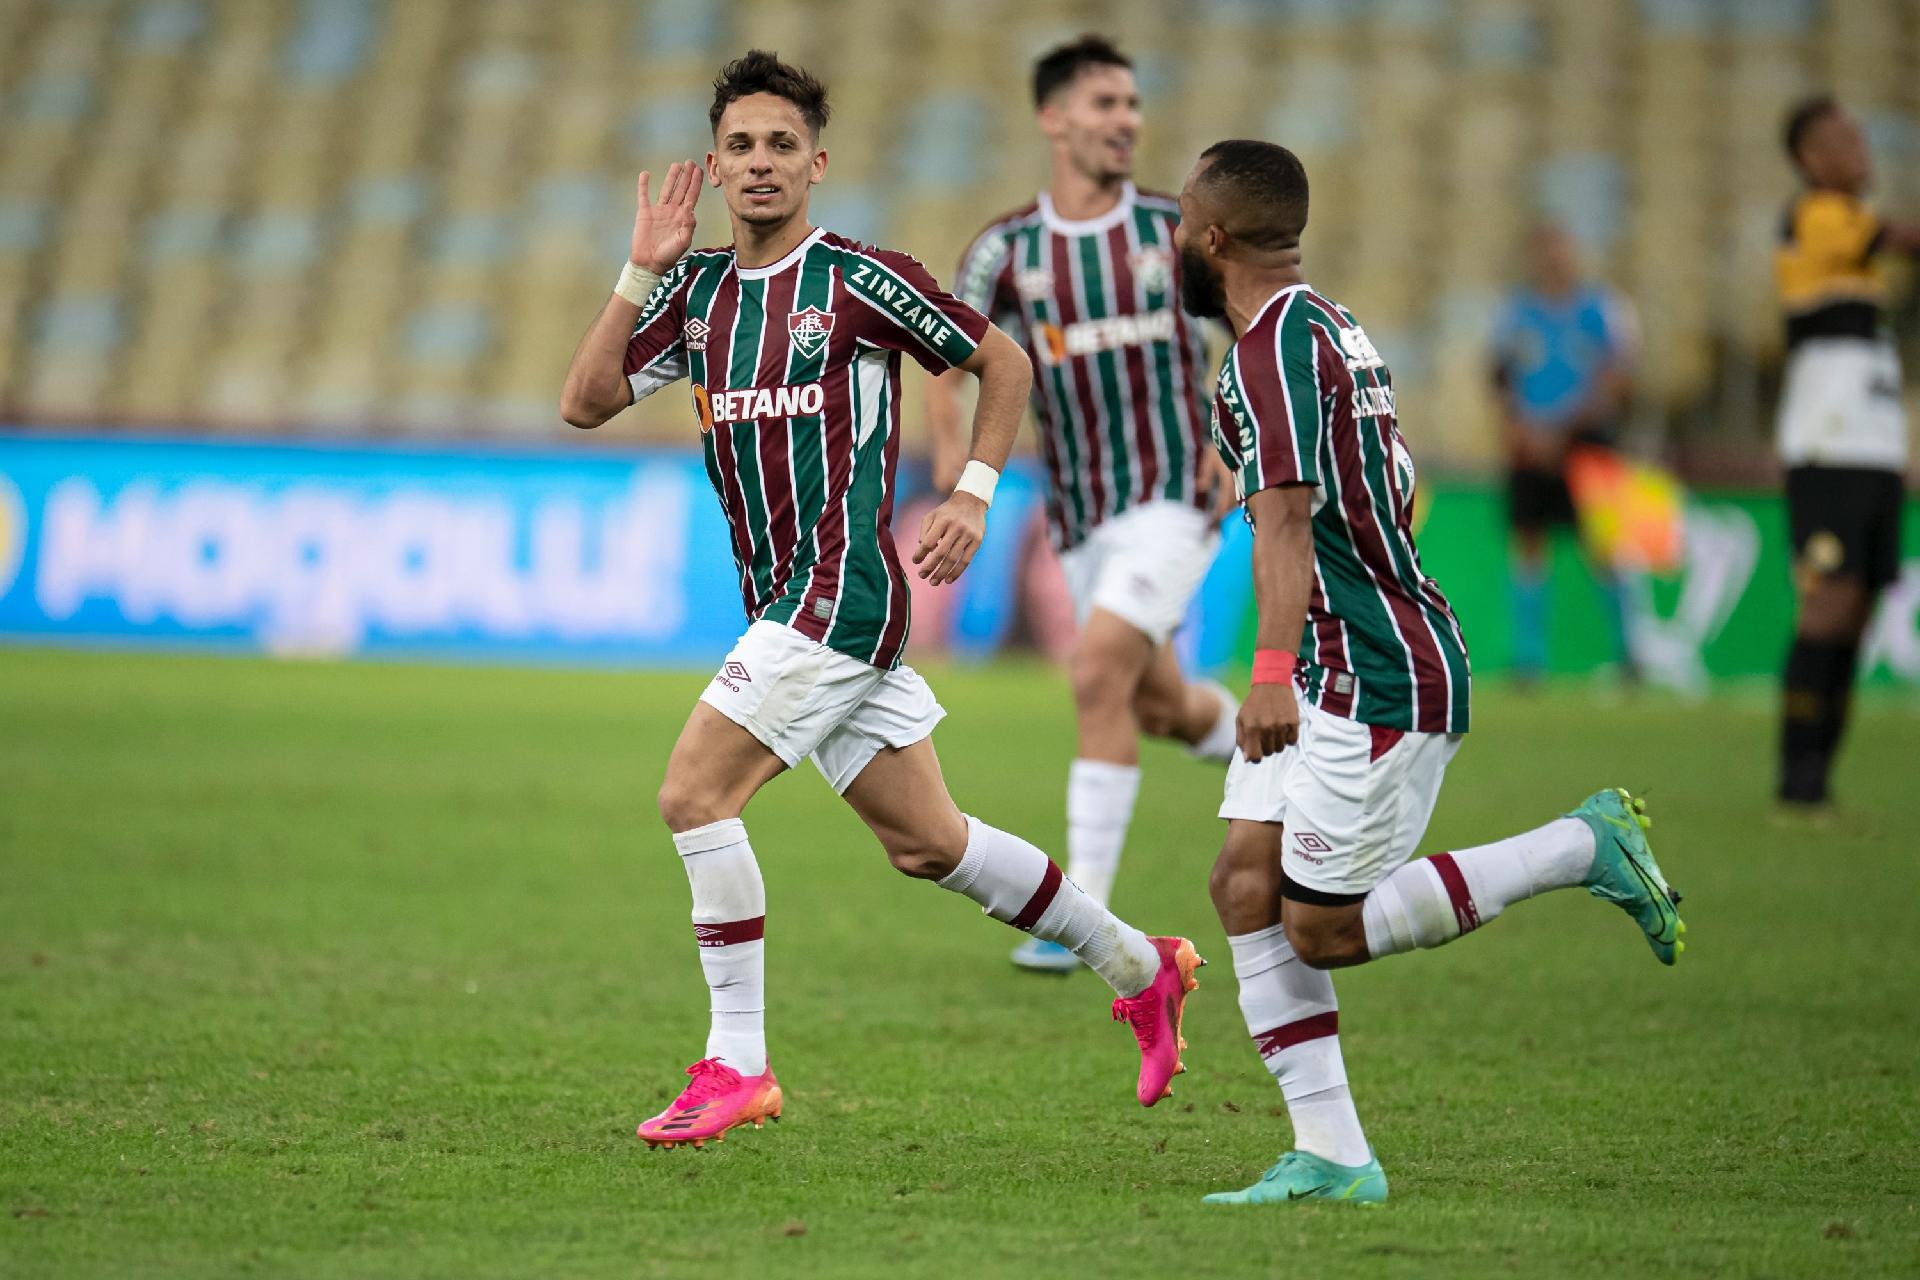 Gabriel Teixeira comemora seu gol diante do Criciúma, em vitória do Fluminense por 3 a 0 na Copa do Brasil